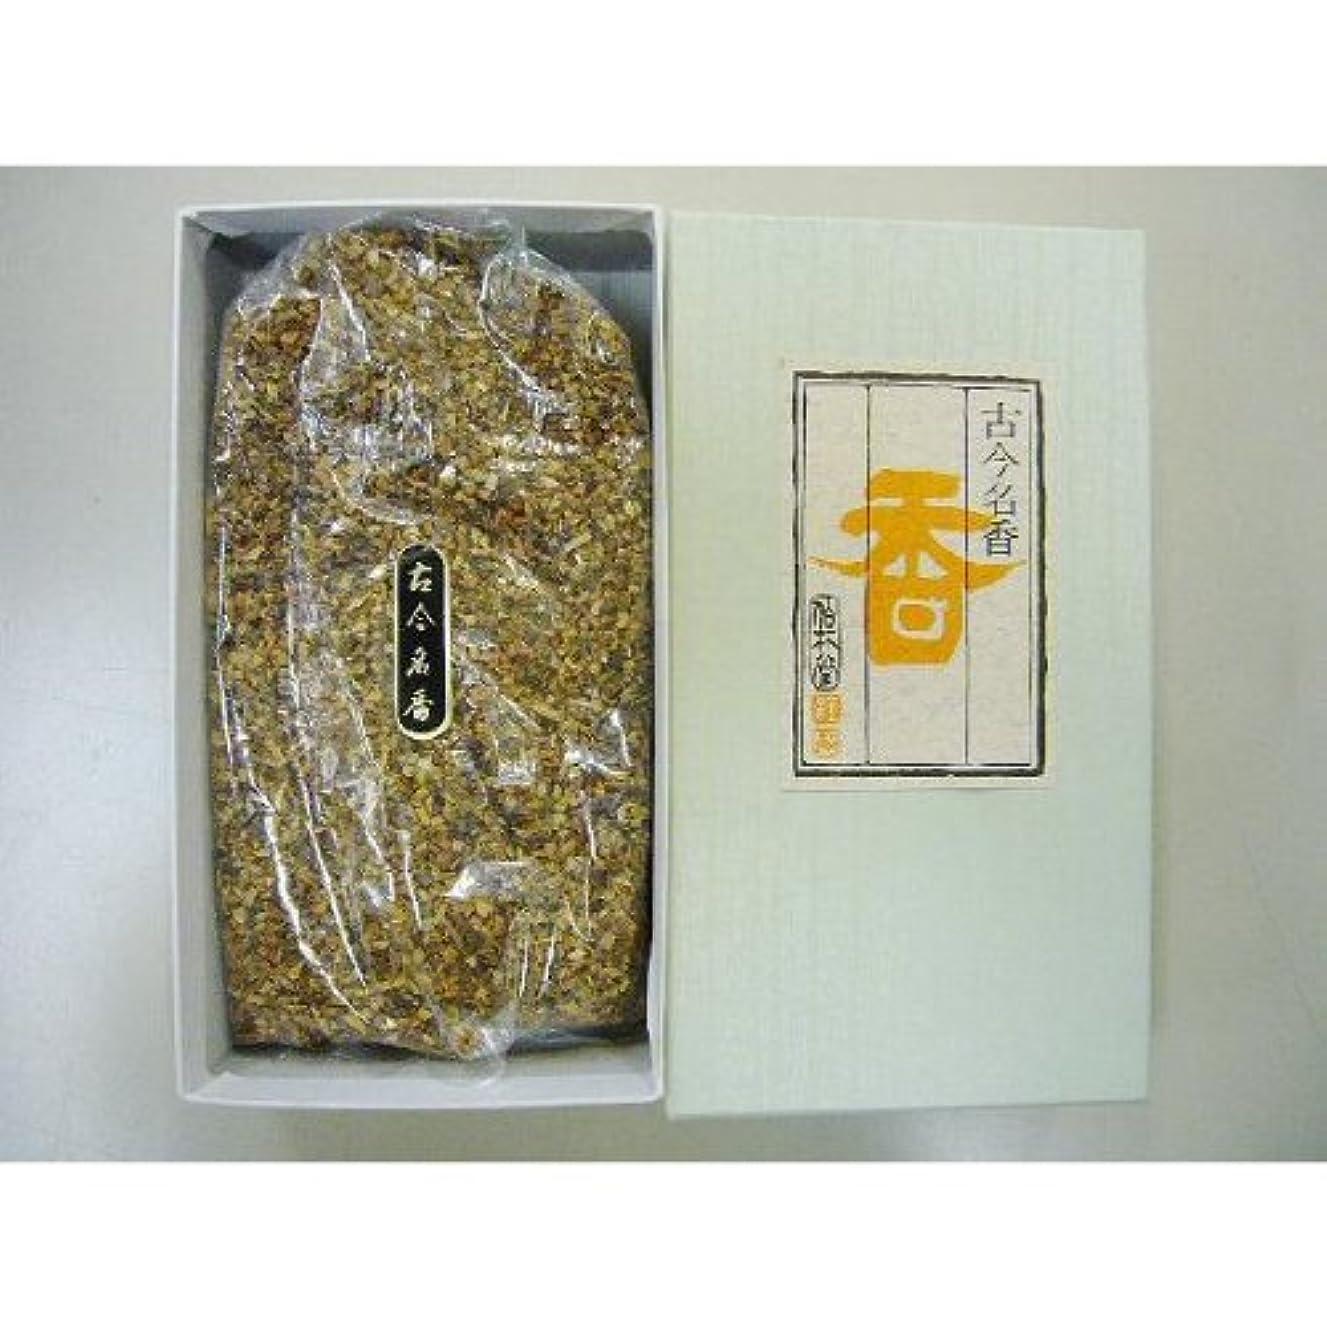 パブ一時的刈り取る焼香 蘭麝待香200g箱入 抹香